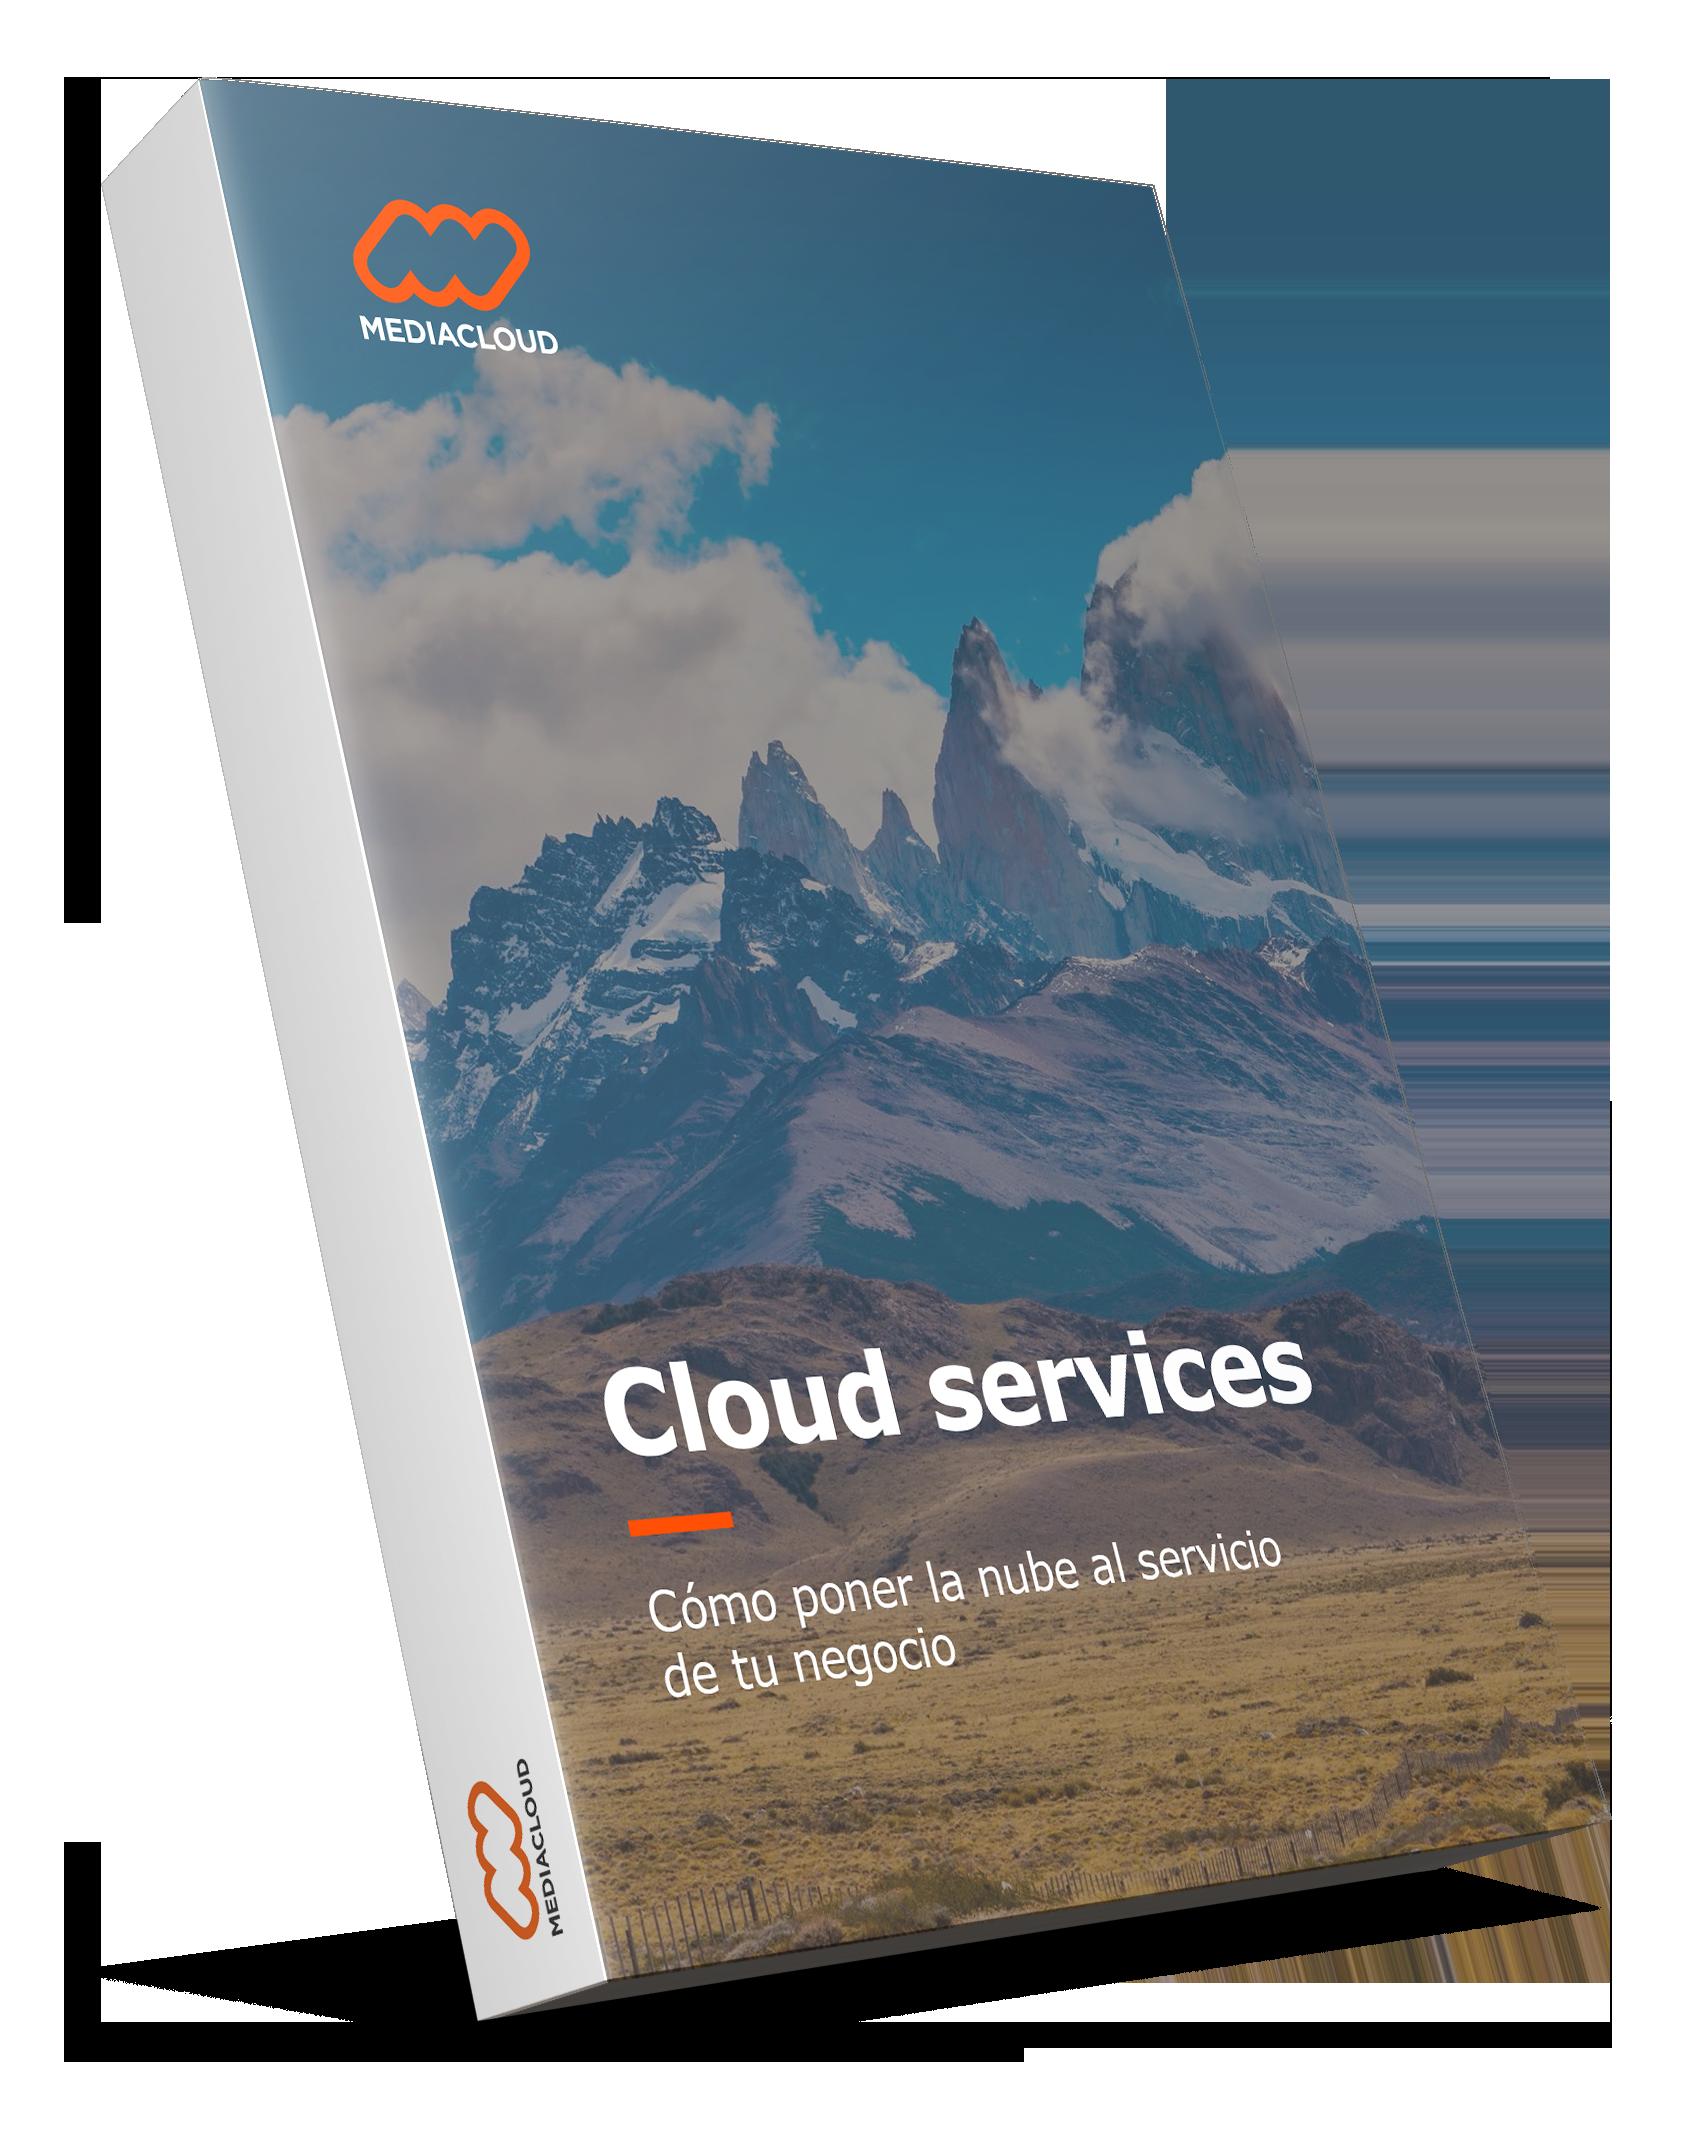 MED - Cloud services - Portada (1)